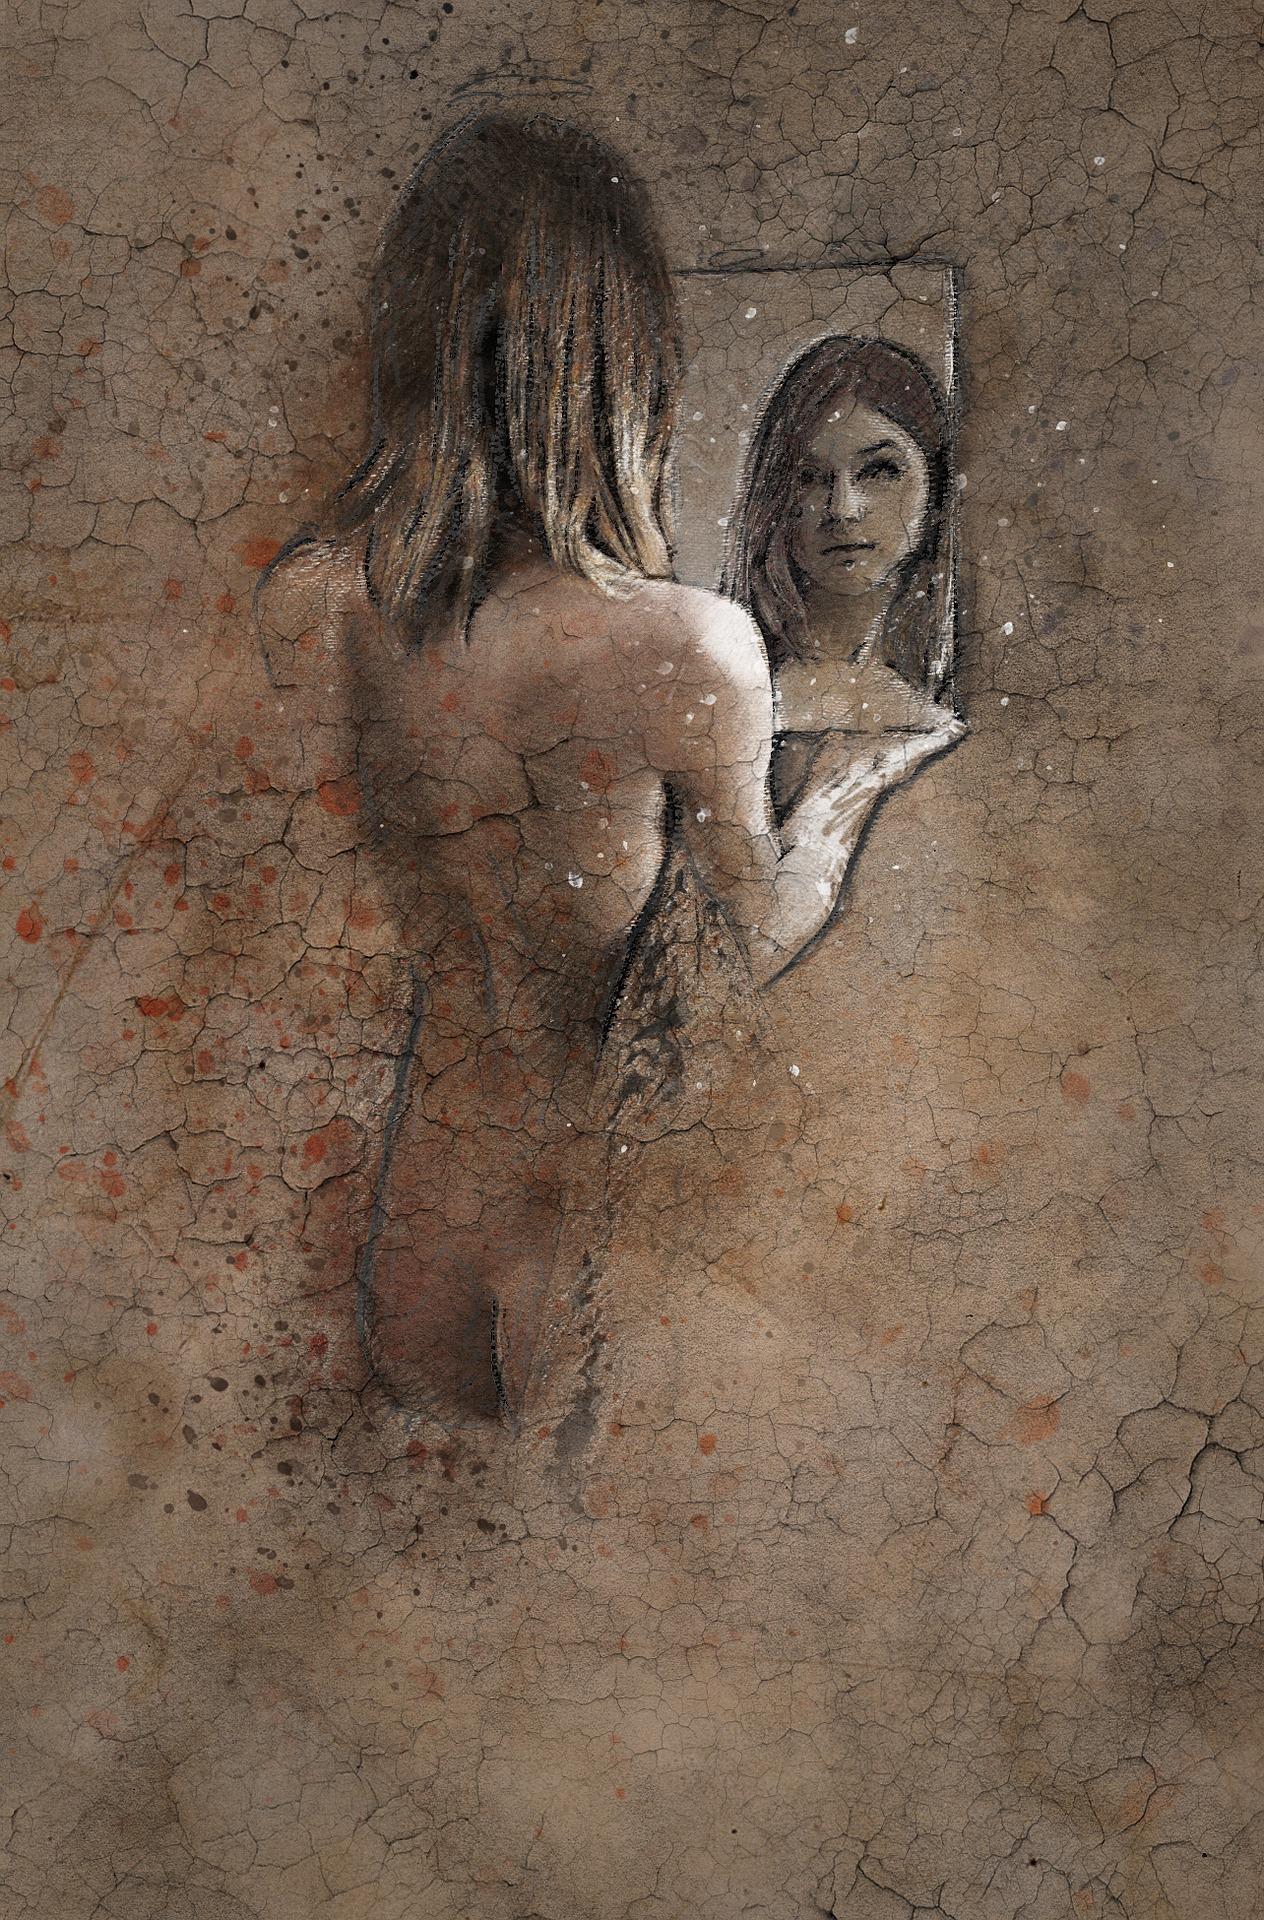 woman-2068125_1920